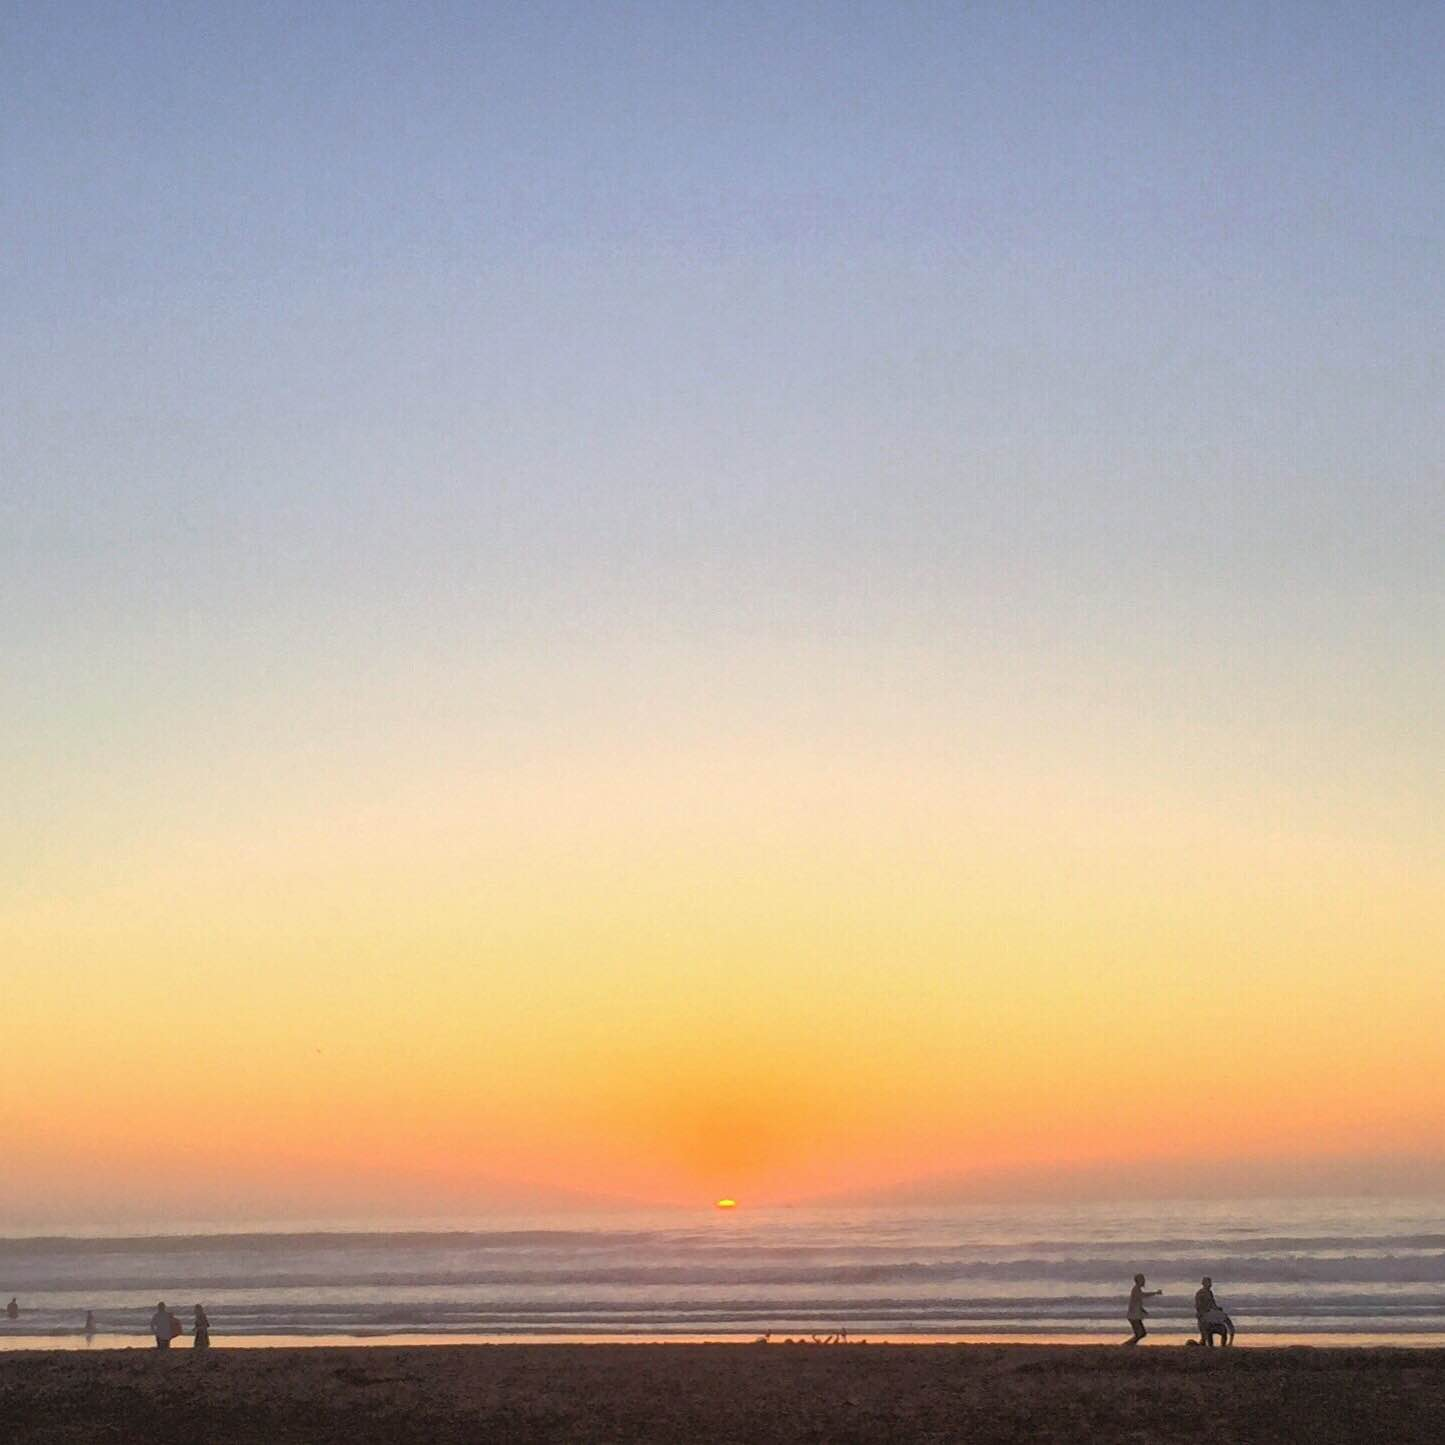 Sol og strand. Solnedgang i Agadir.